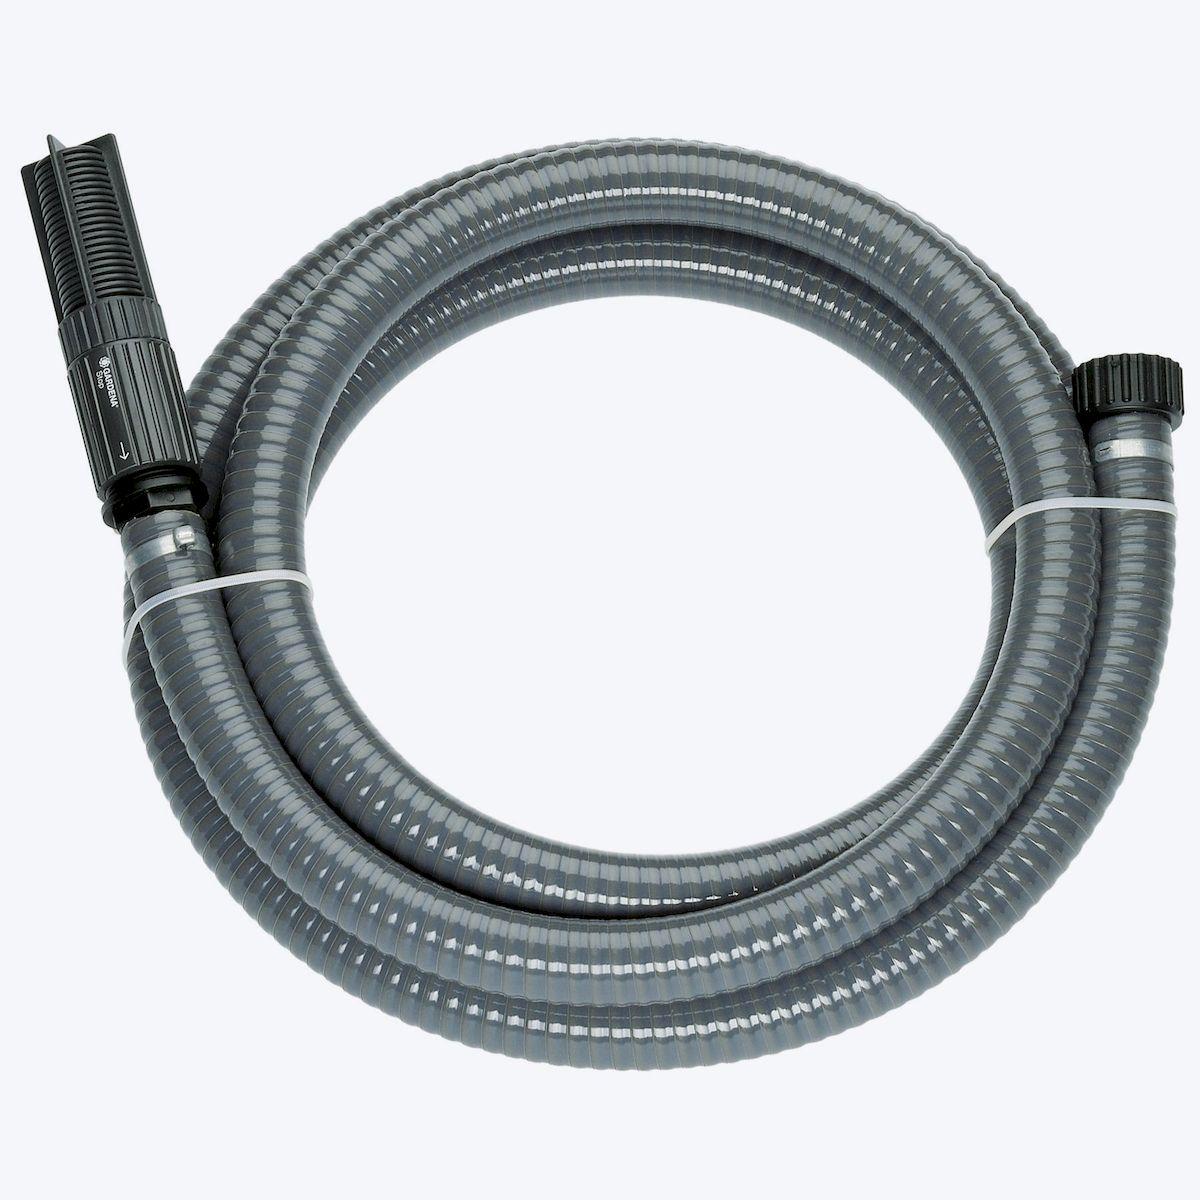 Gardena Шланг заборный с фильтром 7 м01418-20.000.00Шланг заборный с фильтром, спиральный, готов к подключению. С фильтрорм и обратным клапаном. Длина 7 м.